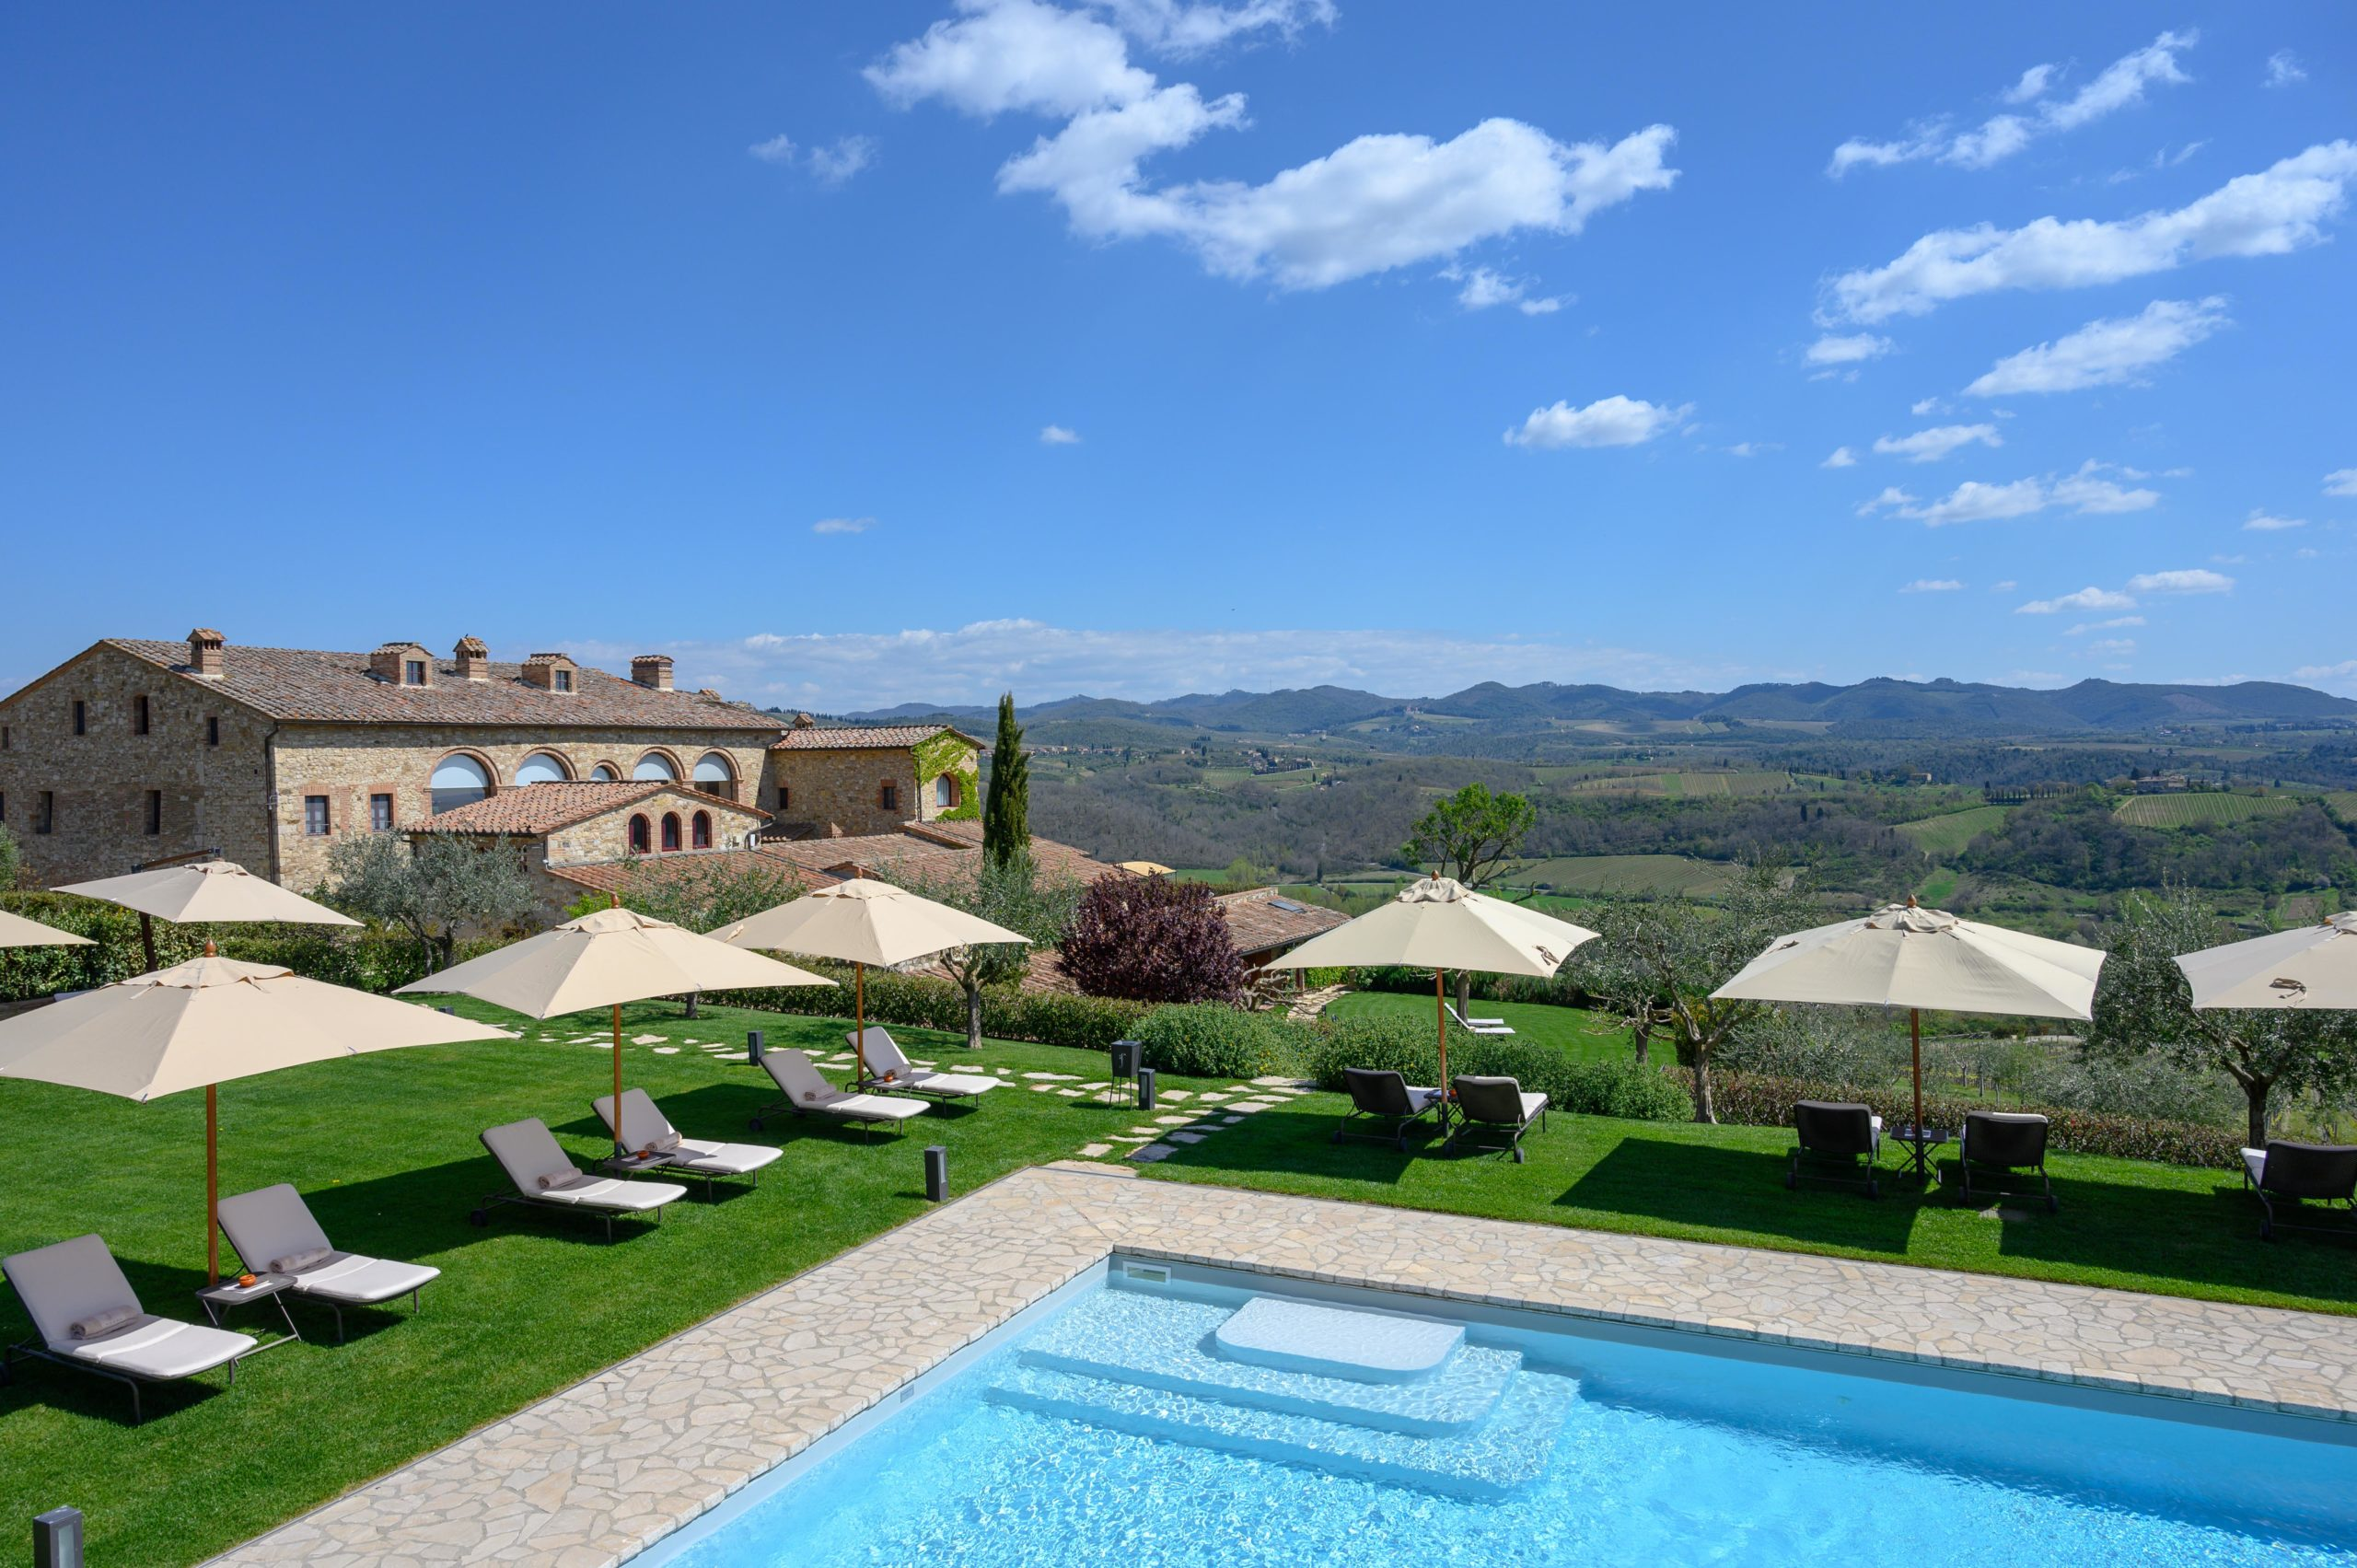 Un'oasi di Pace e bellezza tra le colline del Chianti, l'Hotel Le Fontanelle